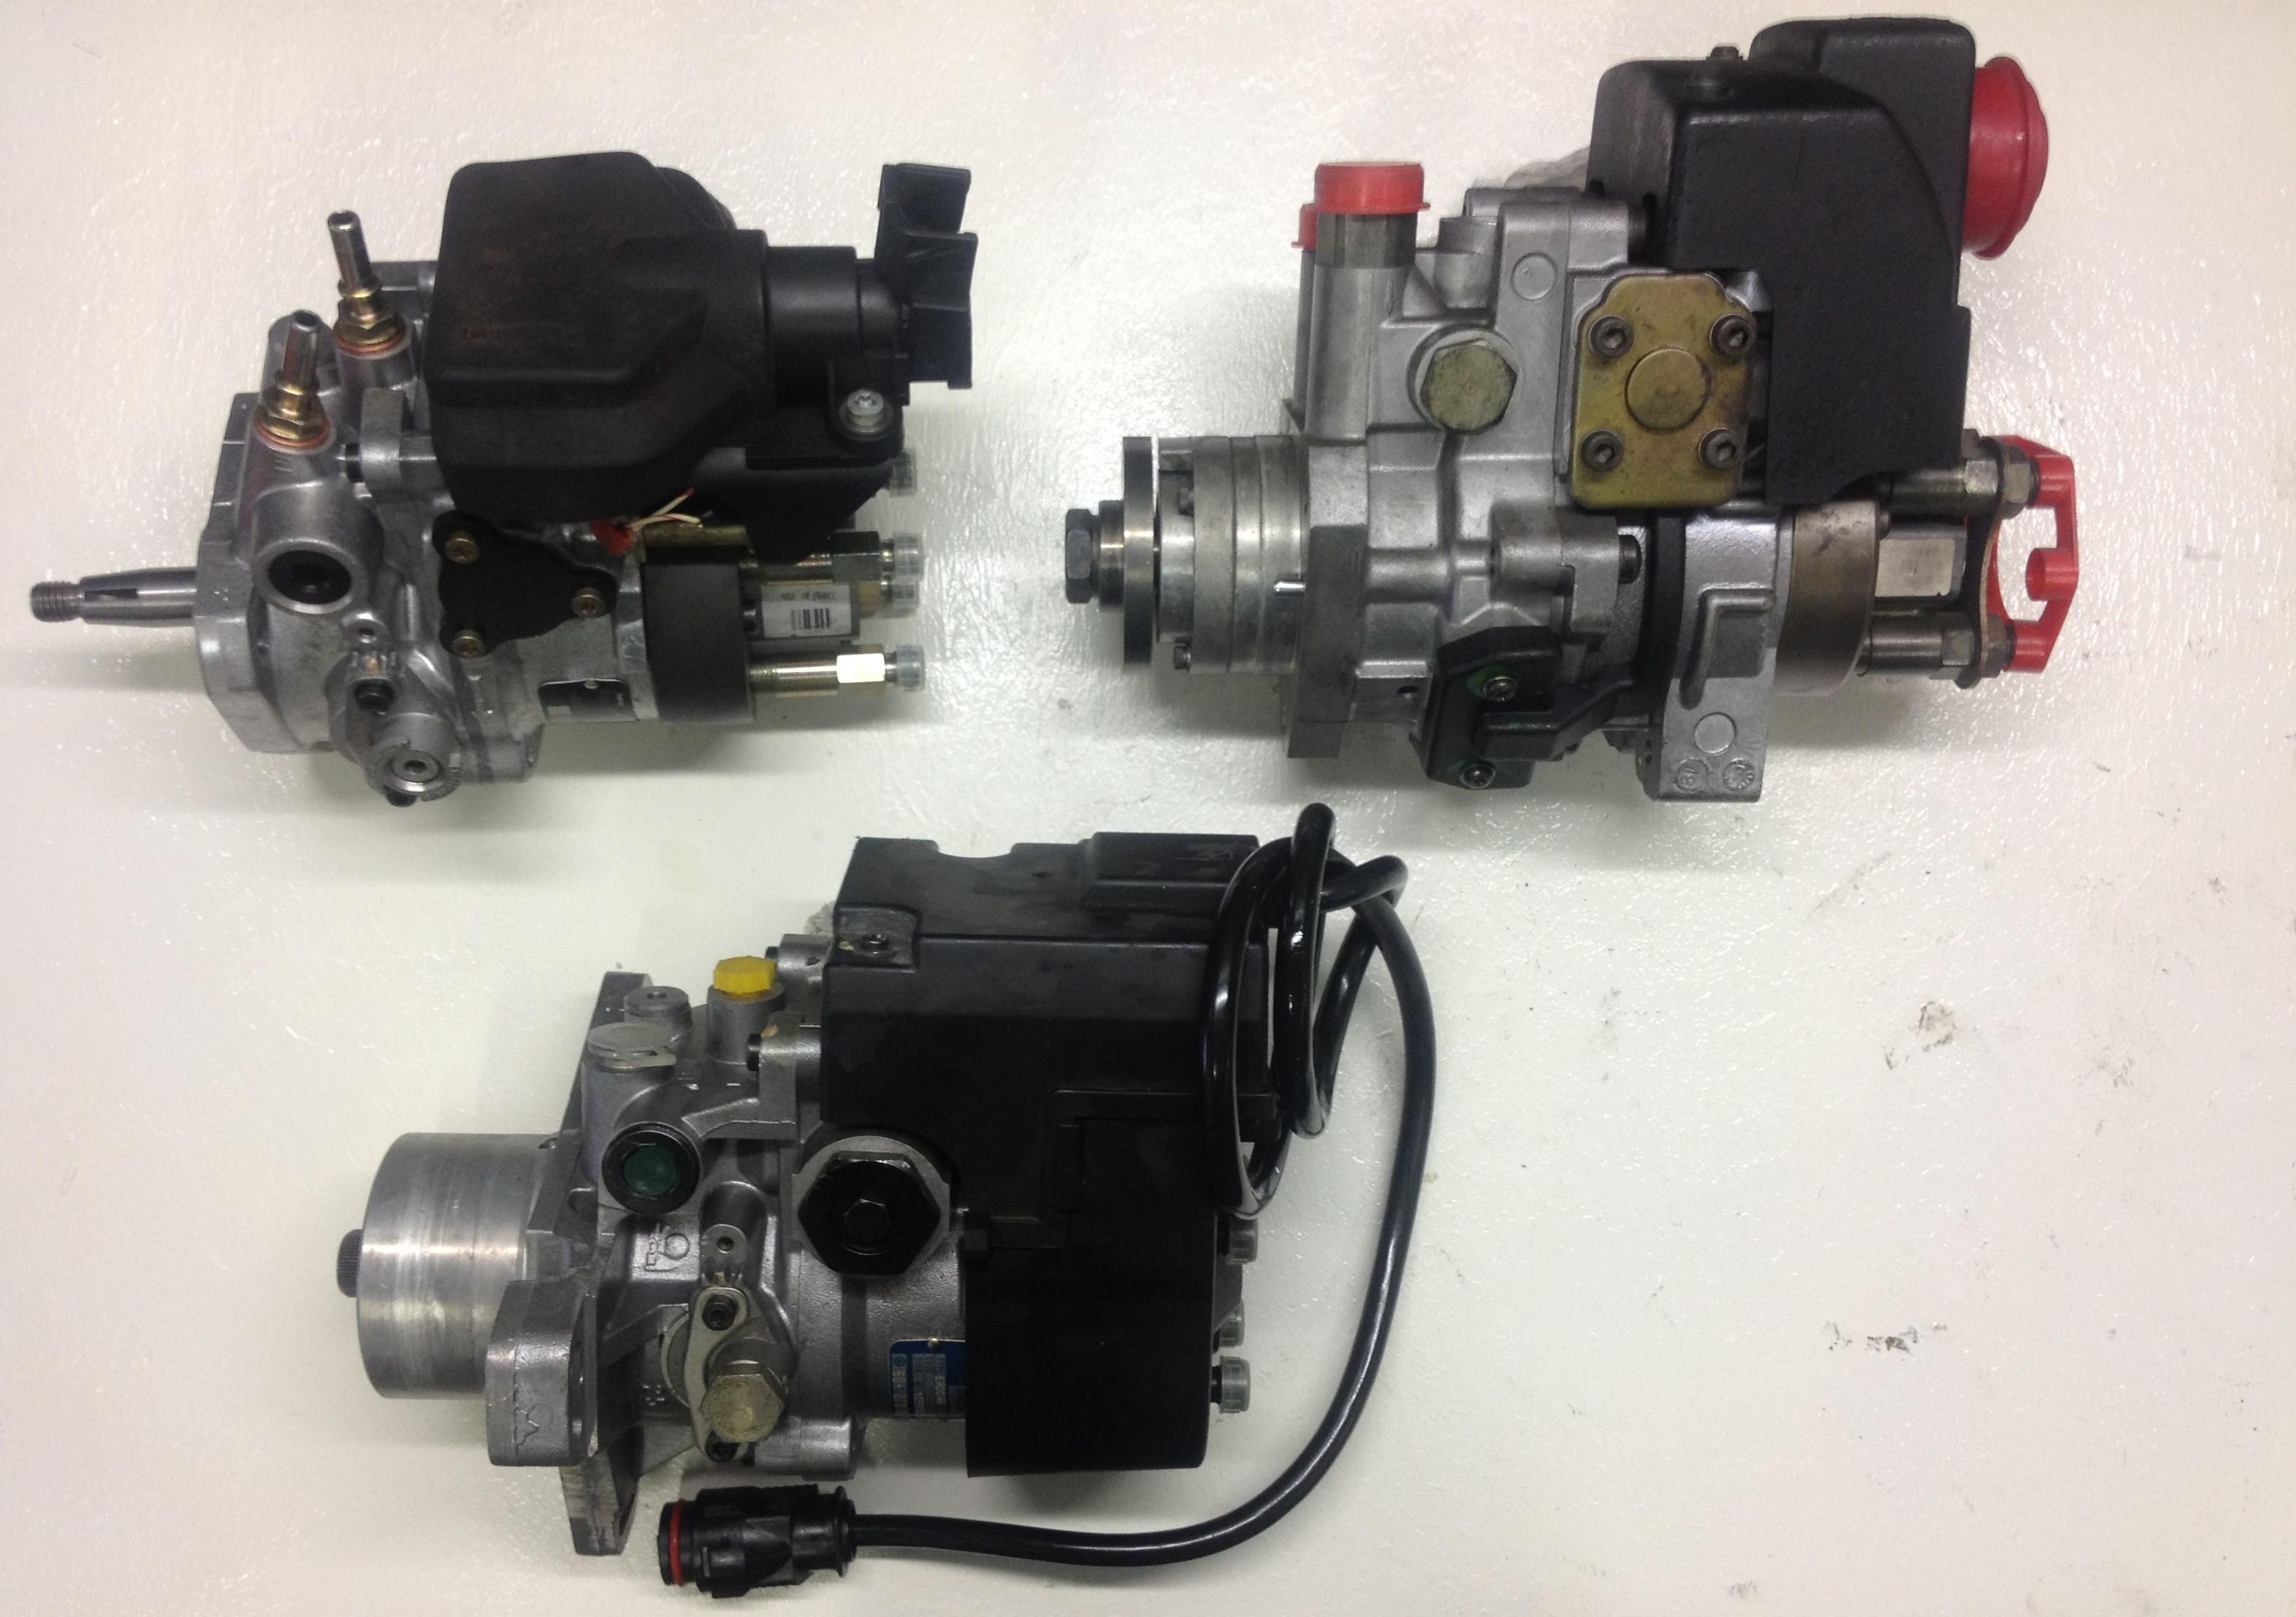 Foto 10 de Talleres de inyección electrónica en Zaragoza | Diesel Mainar